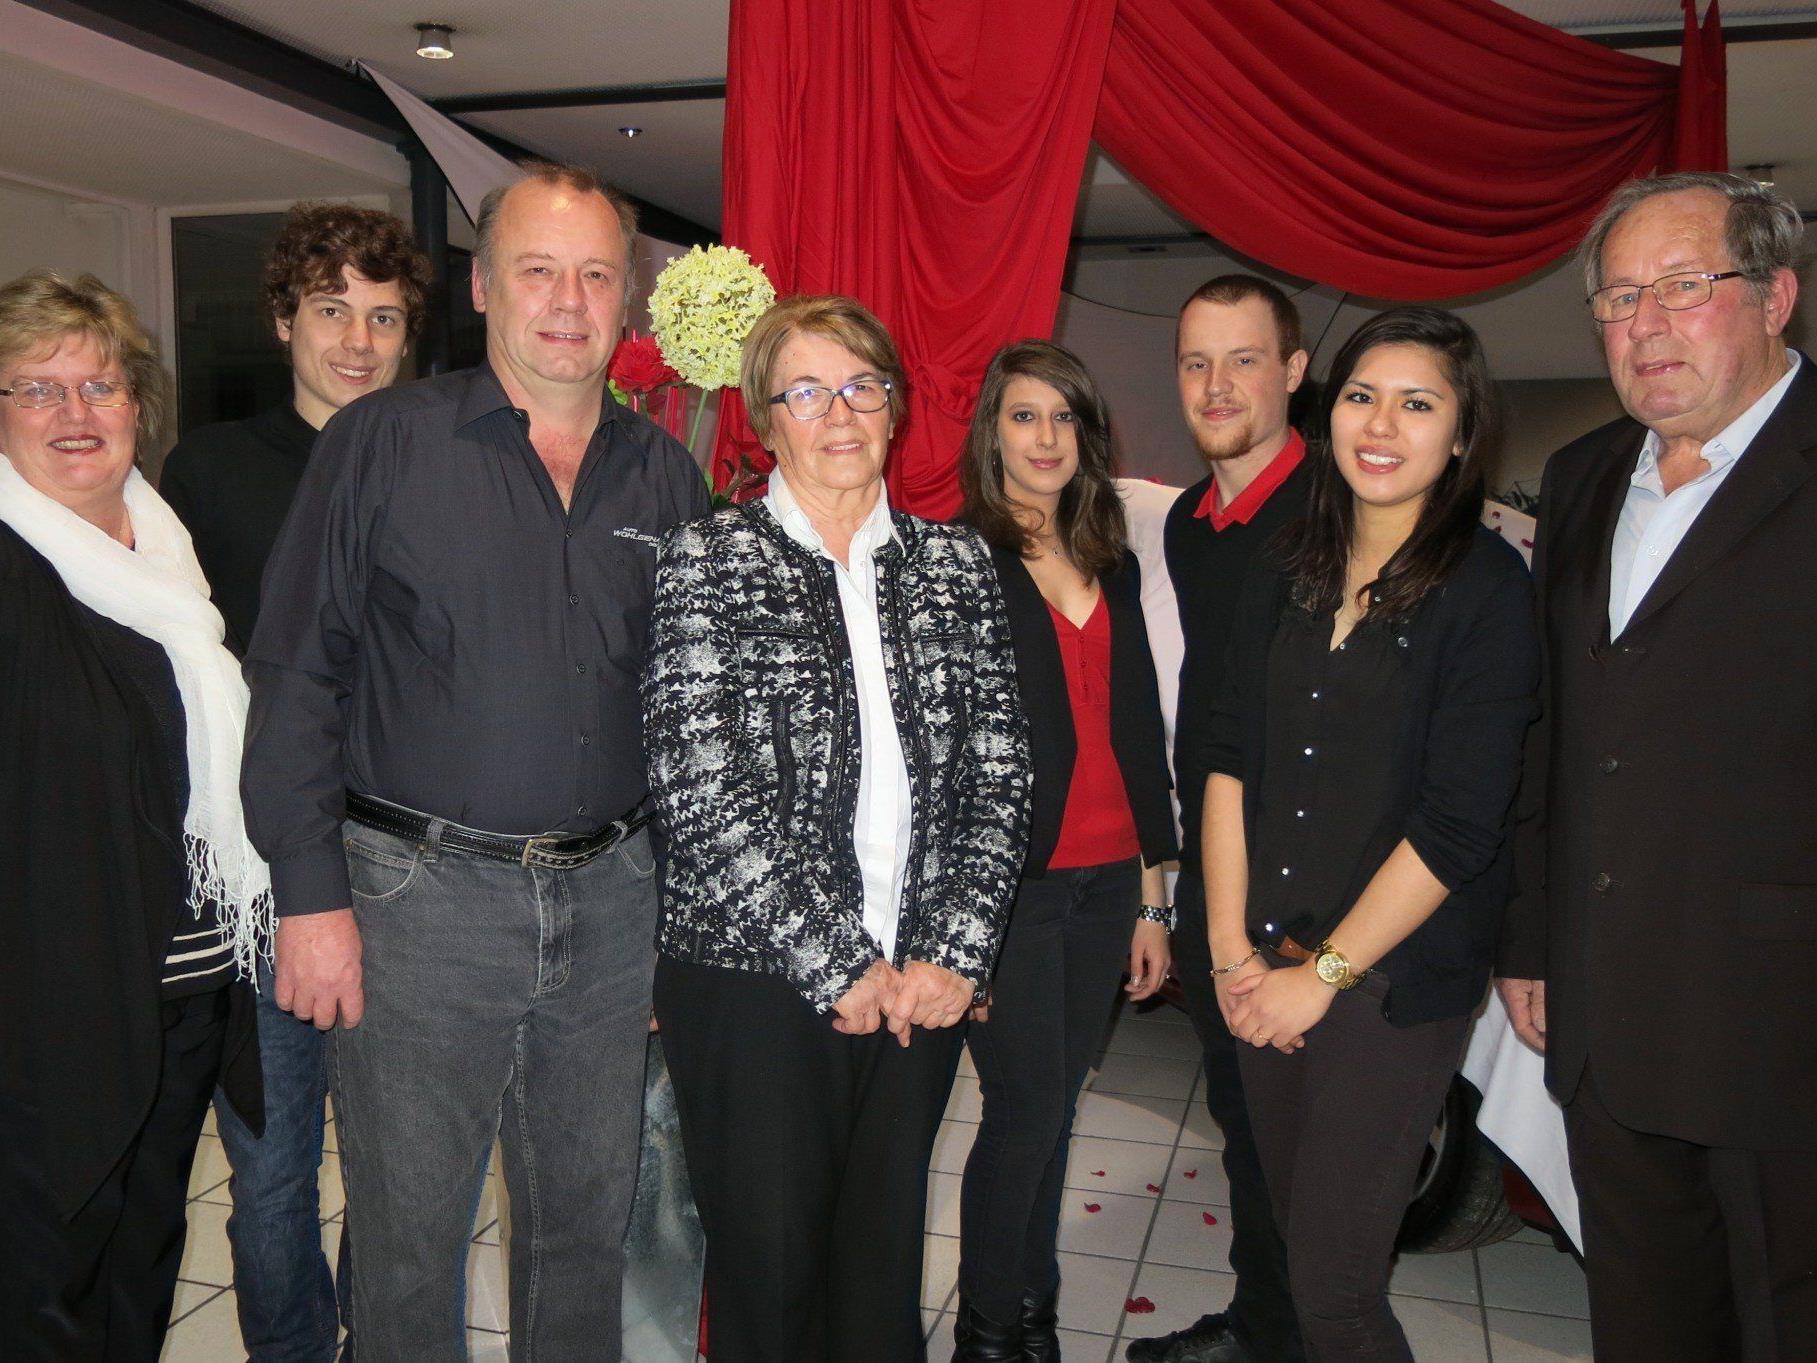 """Die """"Mazdafamilie"""" Marlies, Günter, Daniel, Sieglinde, Zarina, Sarah, Philipp und Martin Wohlgenannt  feiern das 40jährige Bestehen."""